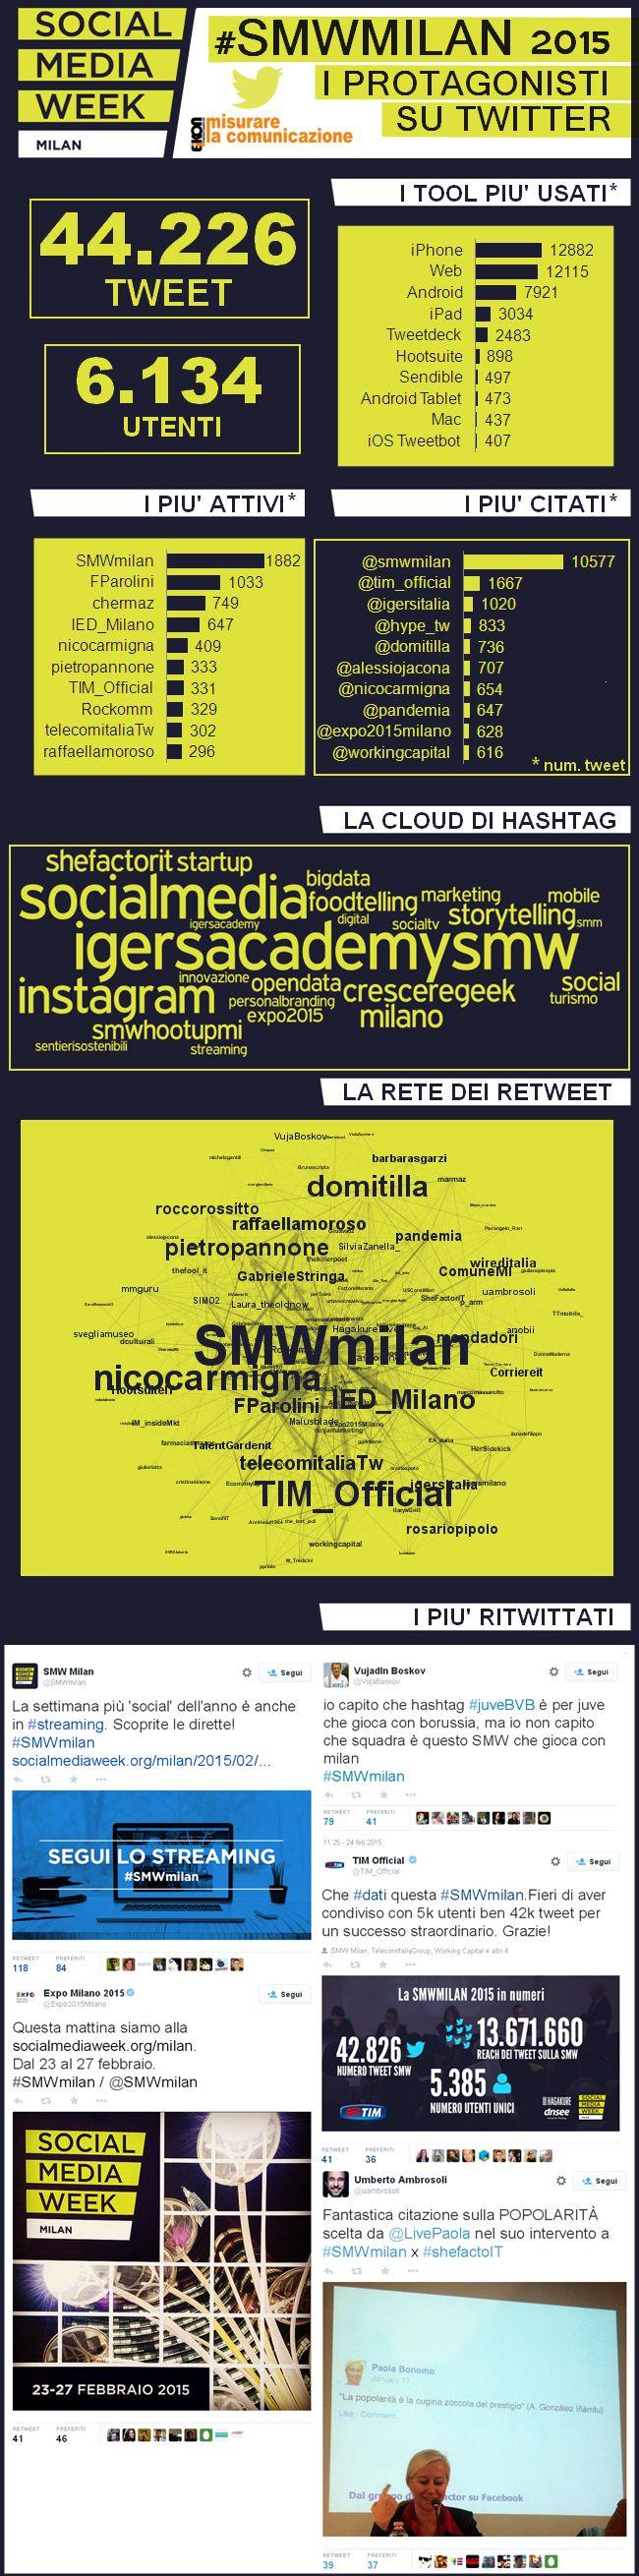 Si è conclusa da poco la Social Media Week 2015 di Milano, un successo di partecipazione anche su Twitter: più di 44mila tweetpubblicati fino al 1 marzo, circa 6000 utenti coinvolti. Ottimo lavoro dell'account ufficiale @smwmilan, in prima posizione sia per attività (num. di tweet pubblicati) che per engagement (num. di citazioni). IED, TIM e Telecom Italia tra i brand più attivi, Tim ed Expo tra i più citati. Instagram (insieme a @igersitalia e #igersacademysmw), pari opportunità ...